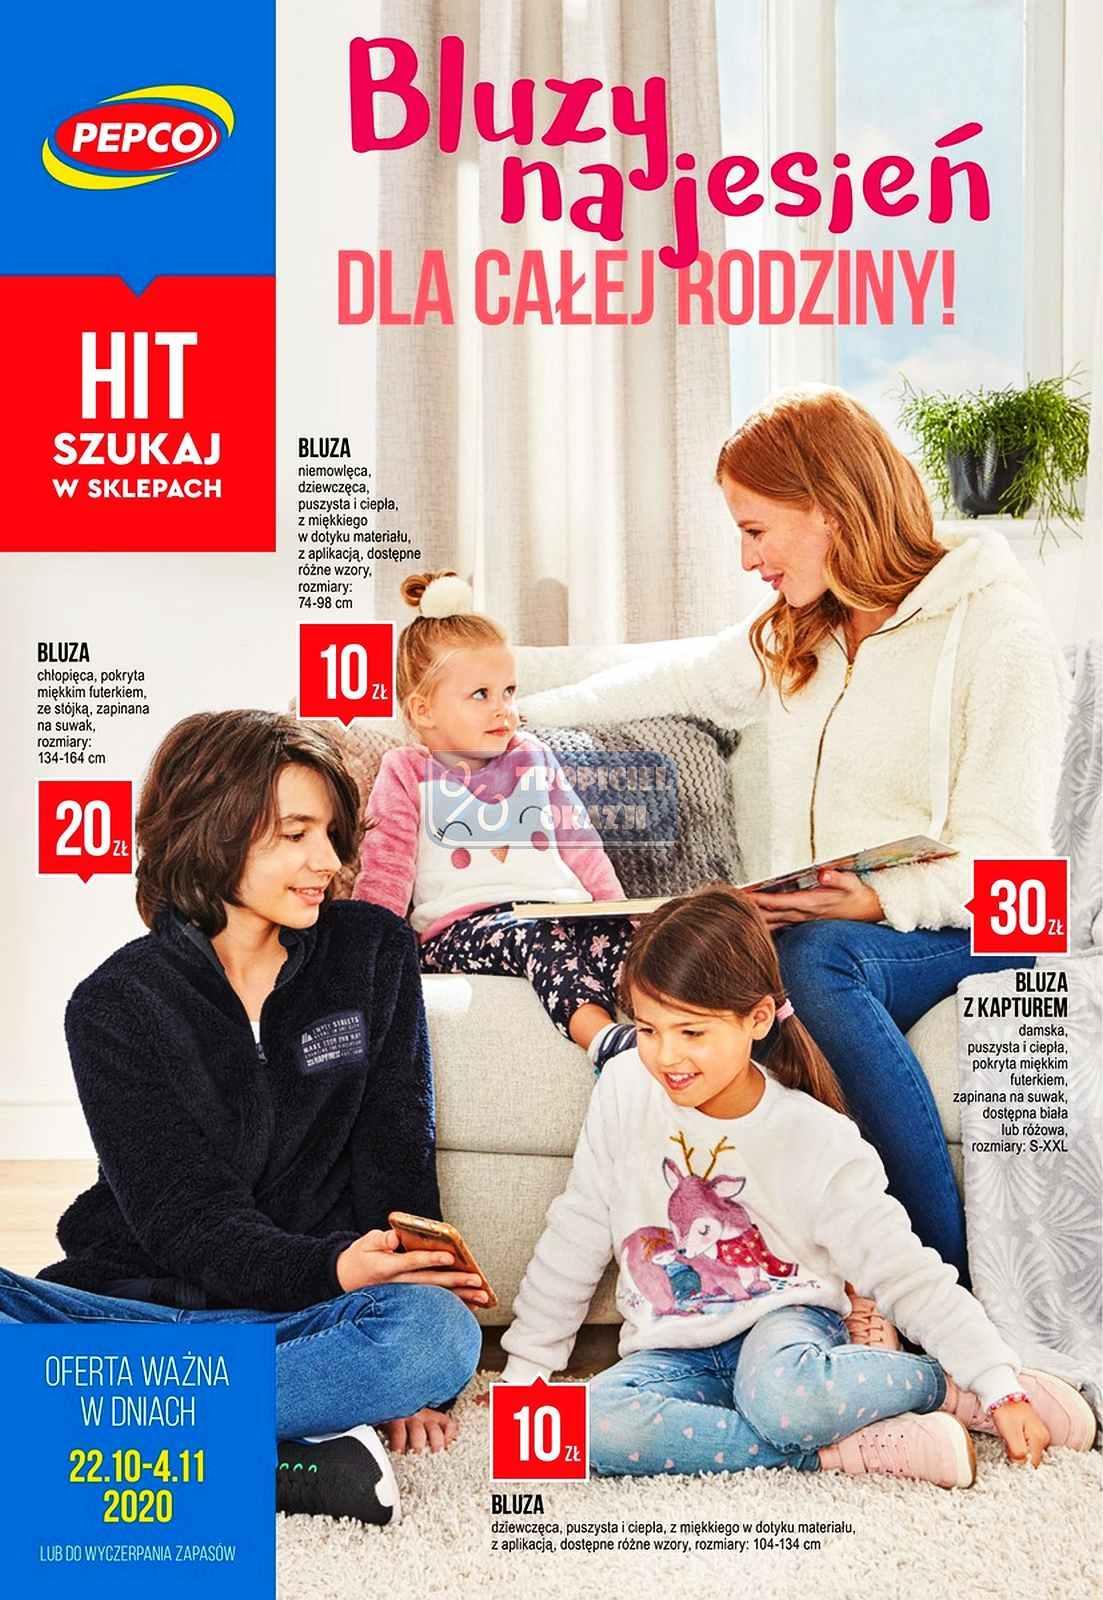 Gazetka promocyjna Pepco do 04/11/2020 str.1